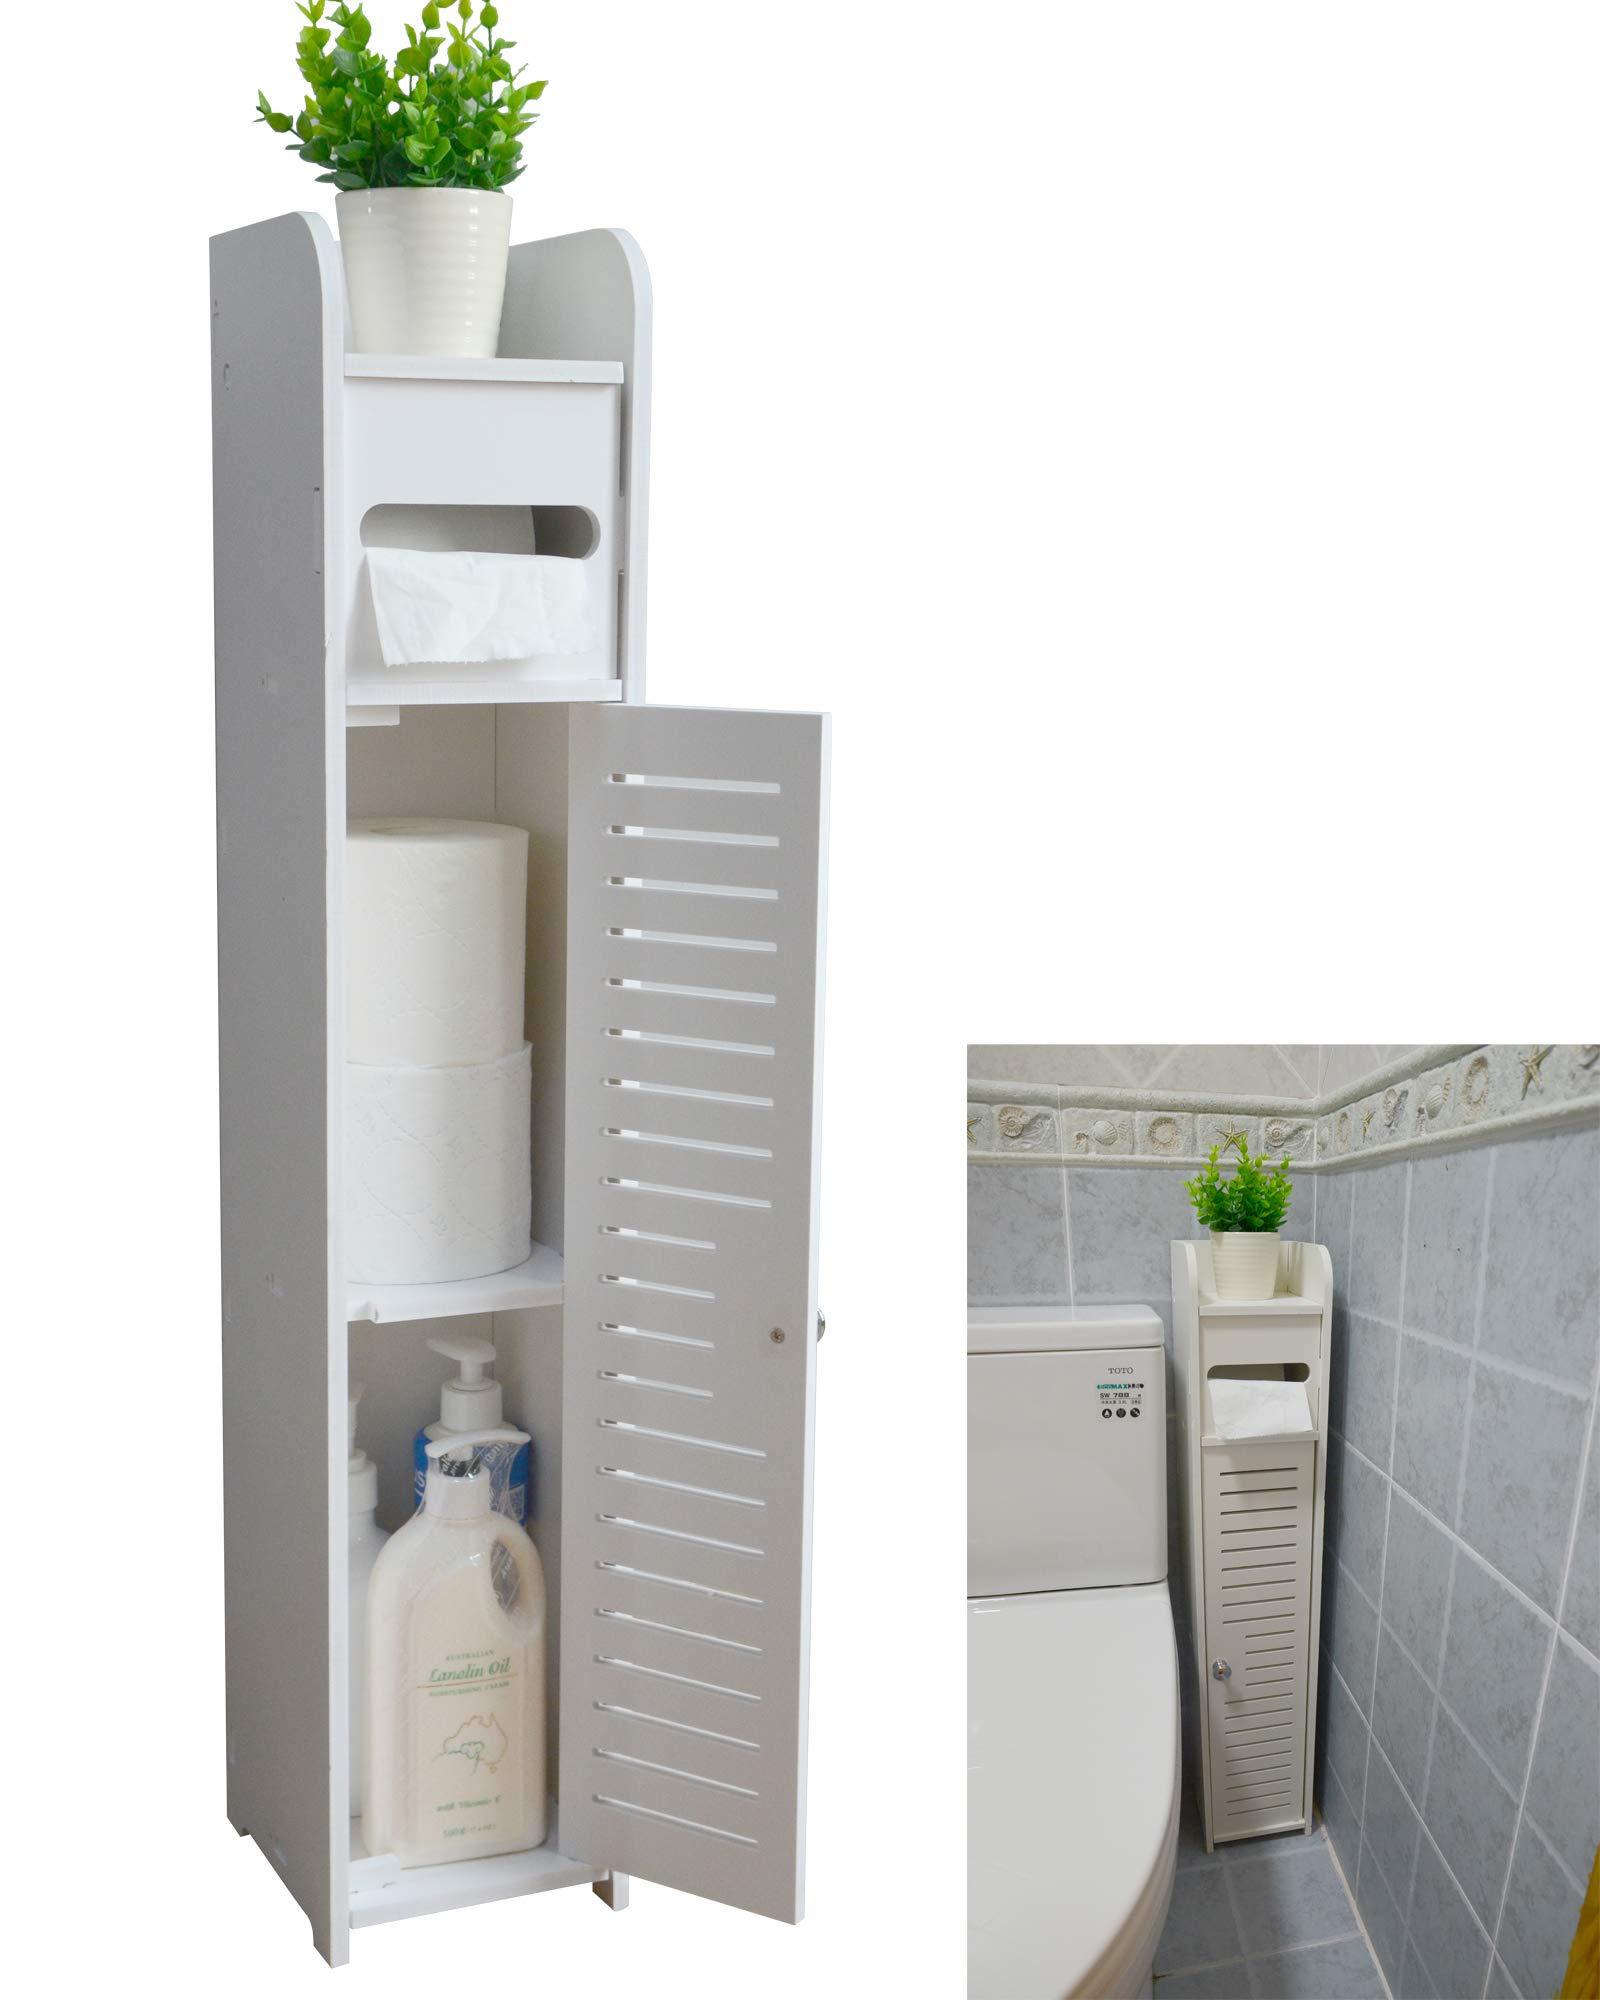 AOJEZOR kleiner Badezimmer-Eckschrank mit Türen und Regalen, dünner  WC-Schminkschrank, schmaler Badezimmer-Organizer, Handtuch-Ablage für